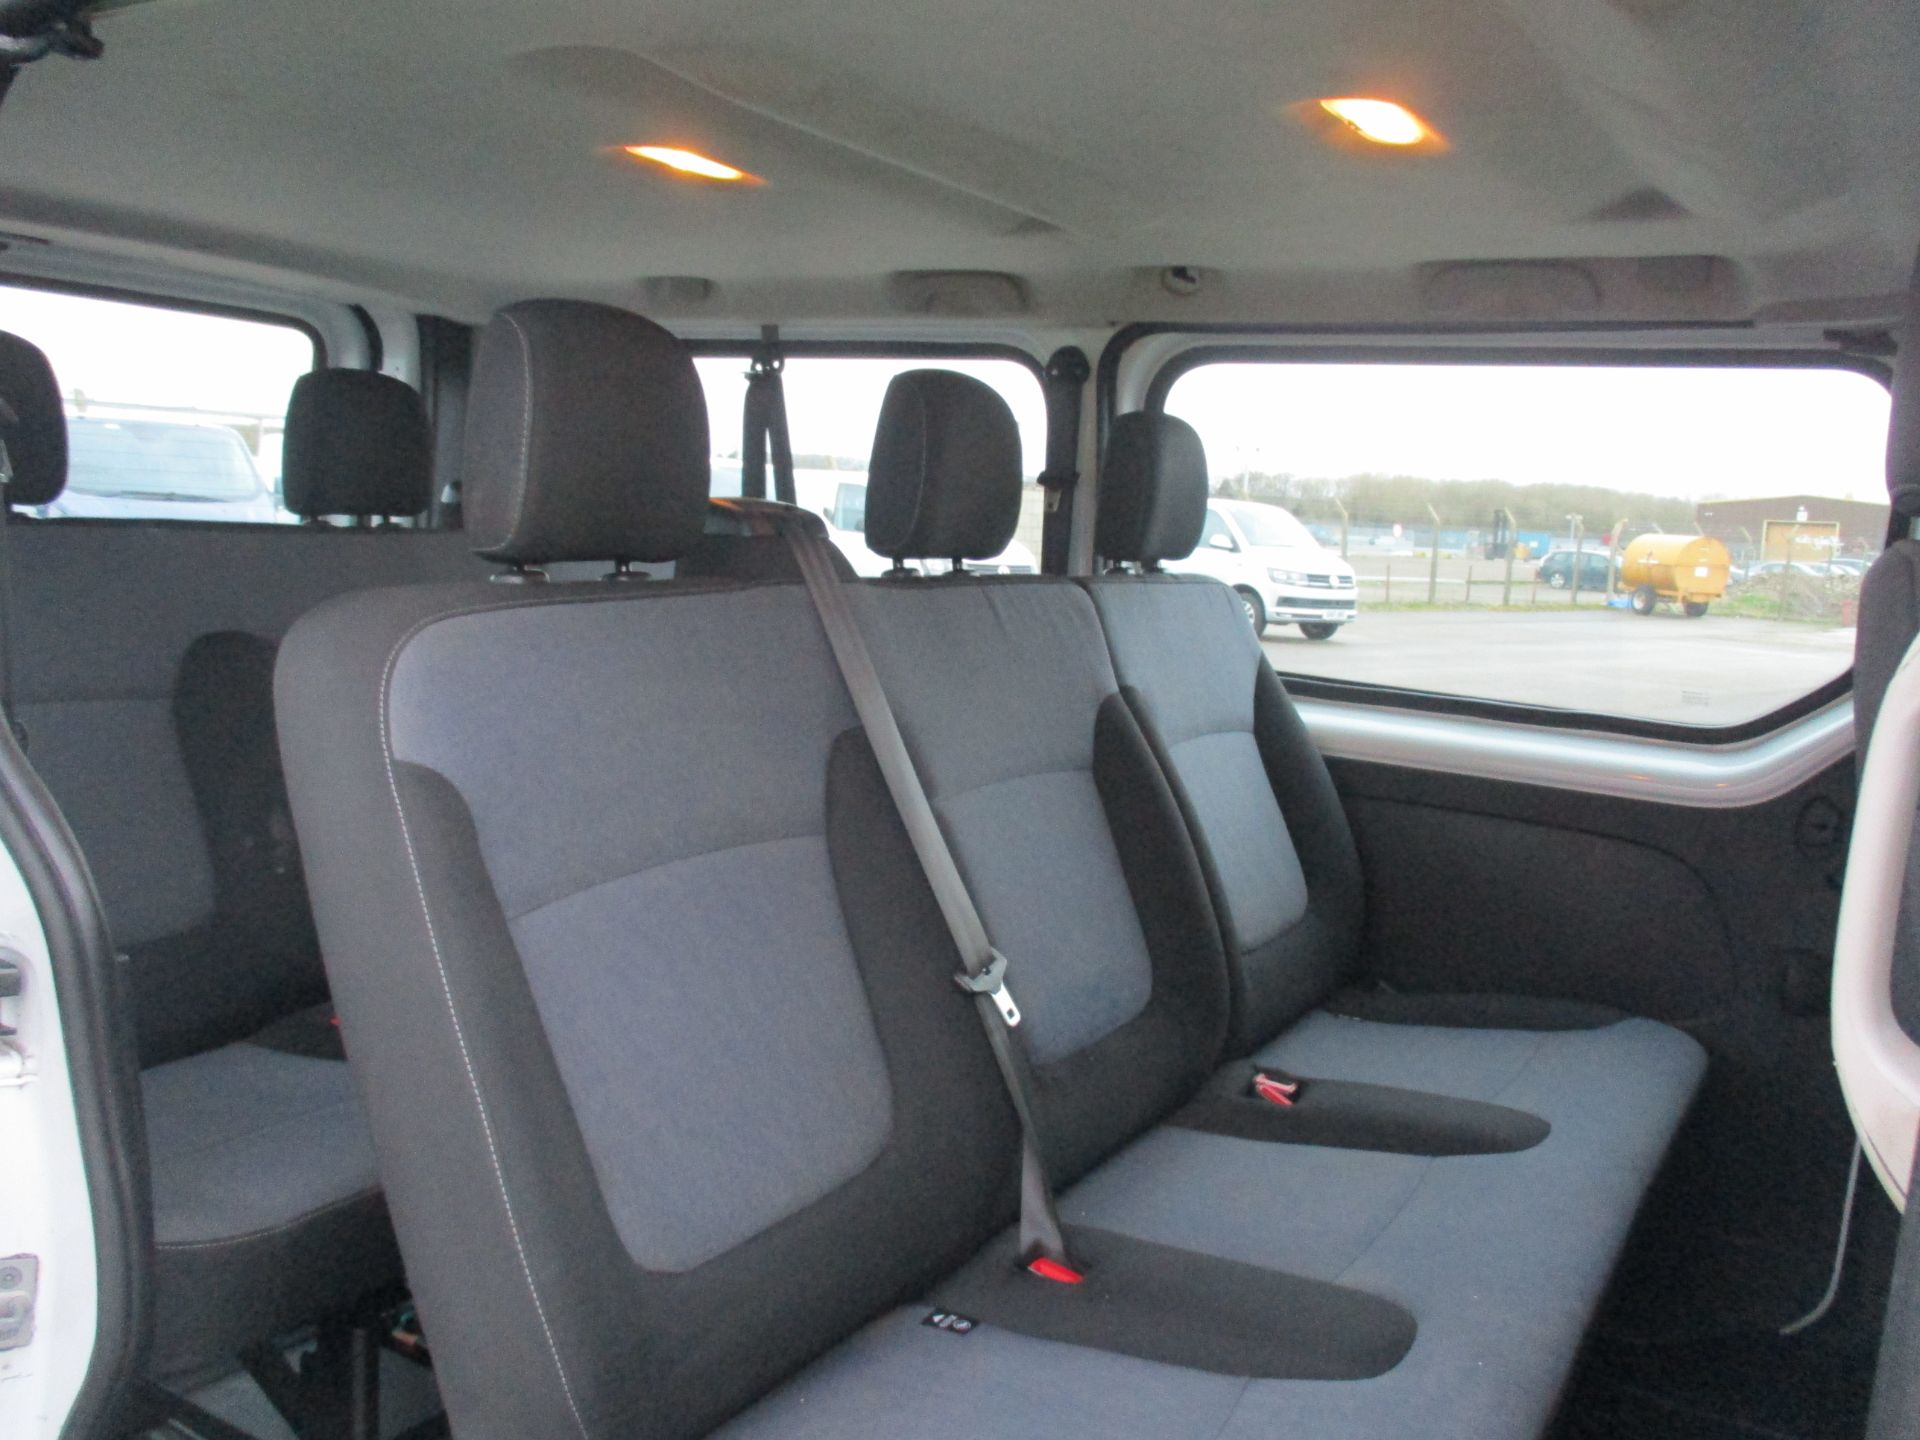 2017 Vauxhall Vivaro L2 H1 2900 1.6 CDTI 125PS BI TURBO 9 SEATER COMBI EURO 6. VAT INC (DY17UJE) Image 12